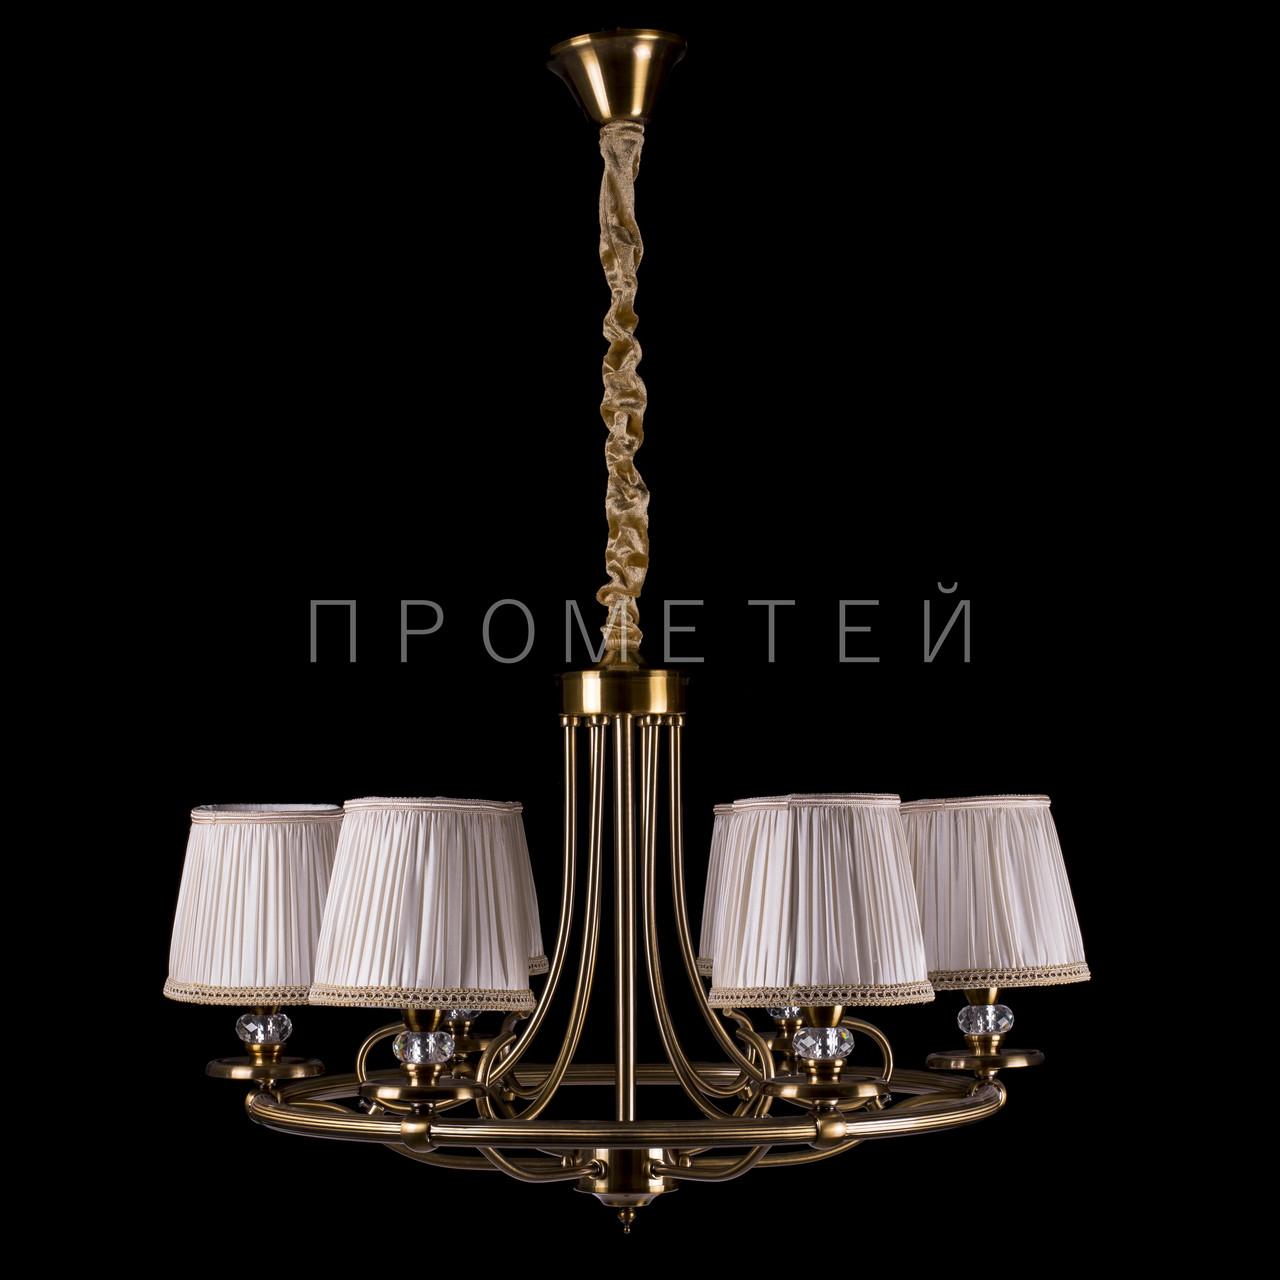 Люстра классическая на 6 лампочек (золотая бронза). P13-RM0425/6/GAB